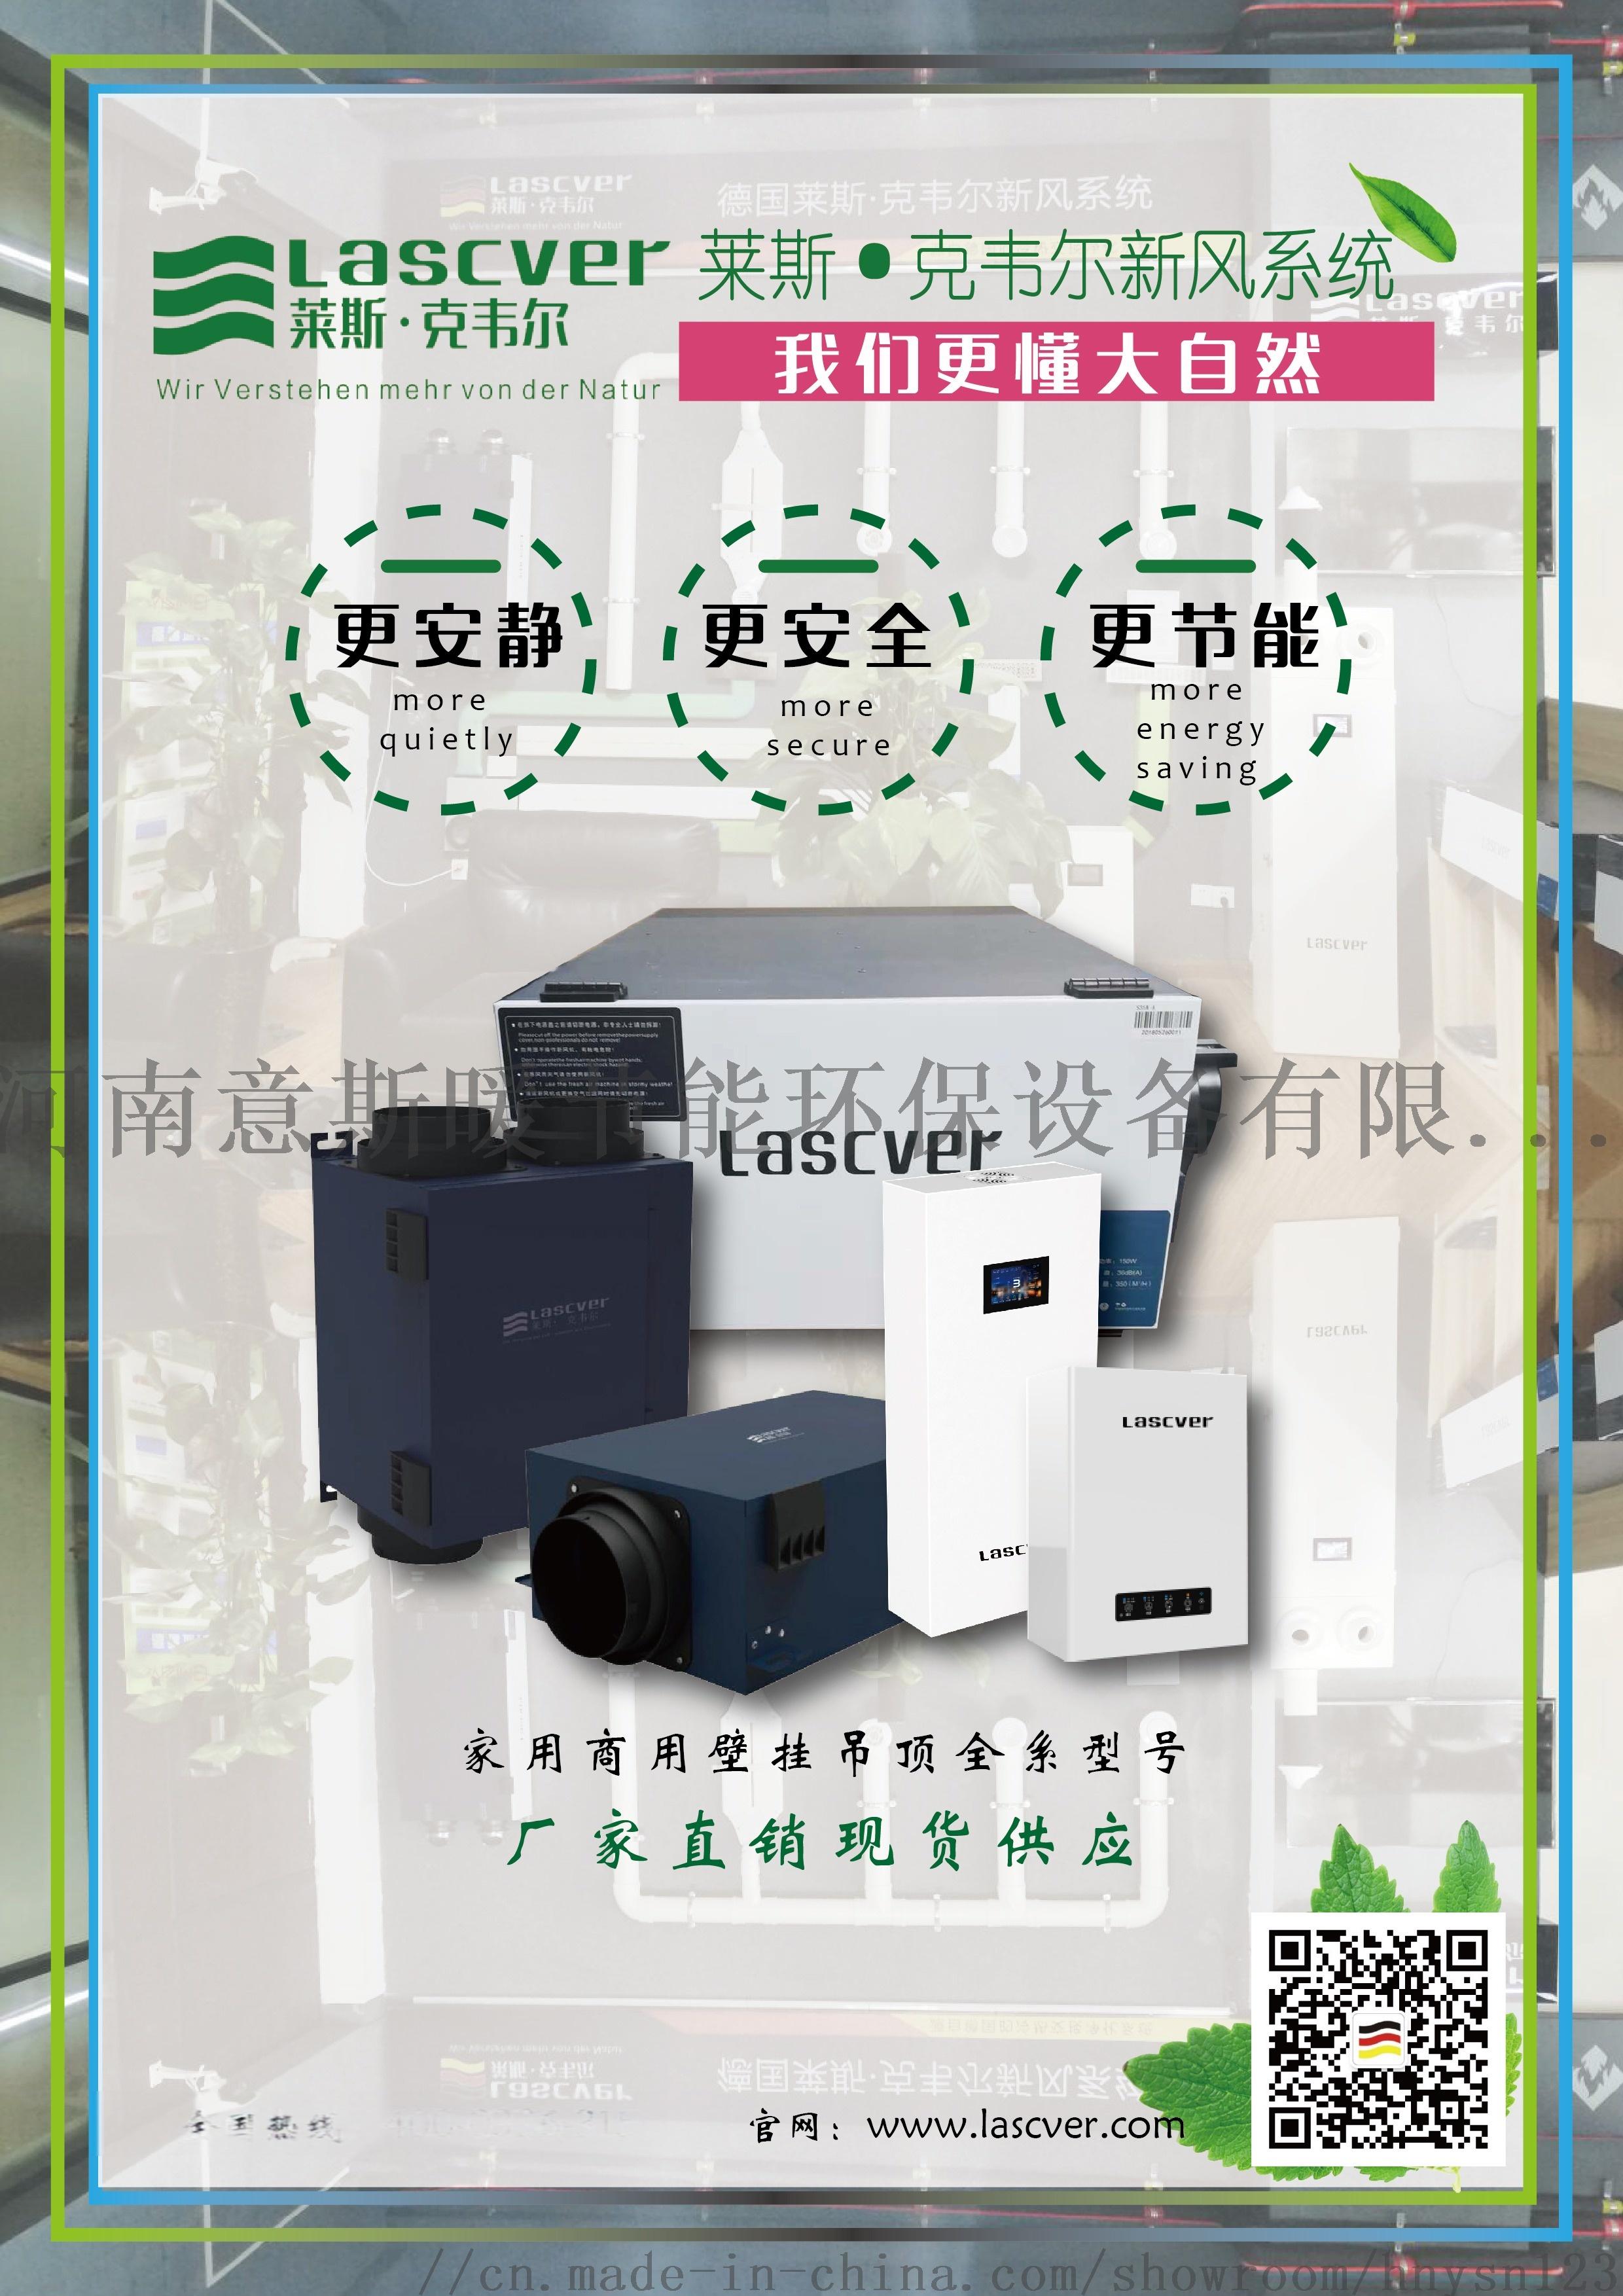 鄭州新風系統廠家限時促銷Lascver壁掛機櫃機837243135